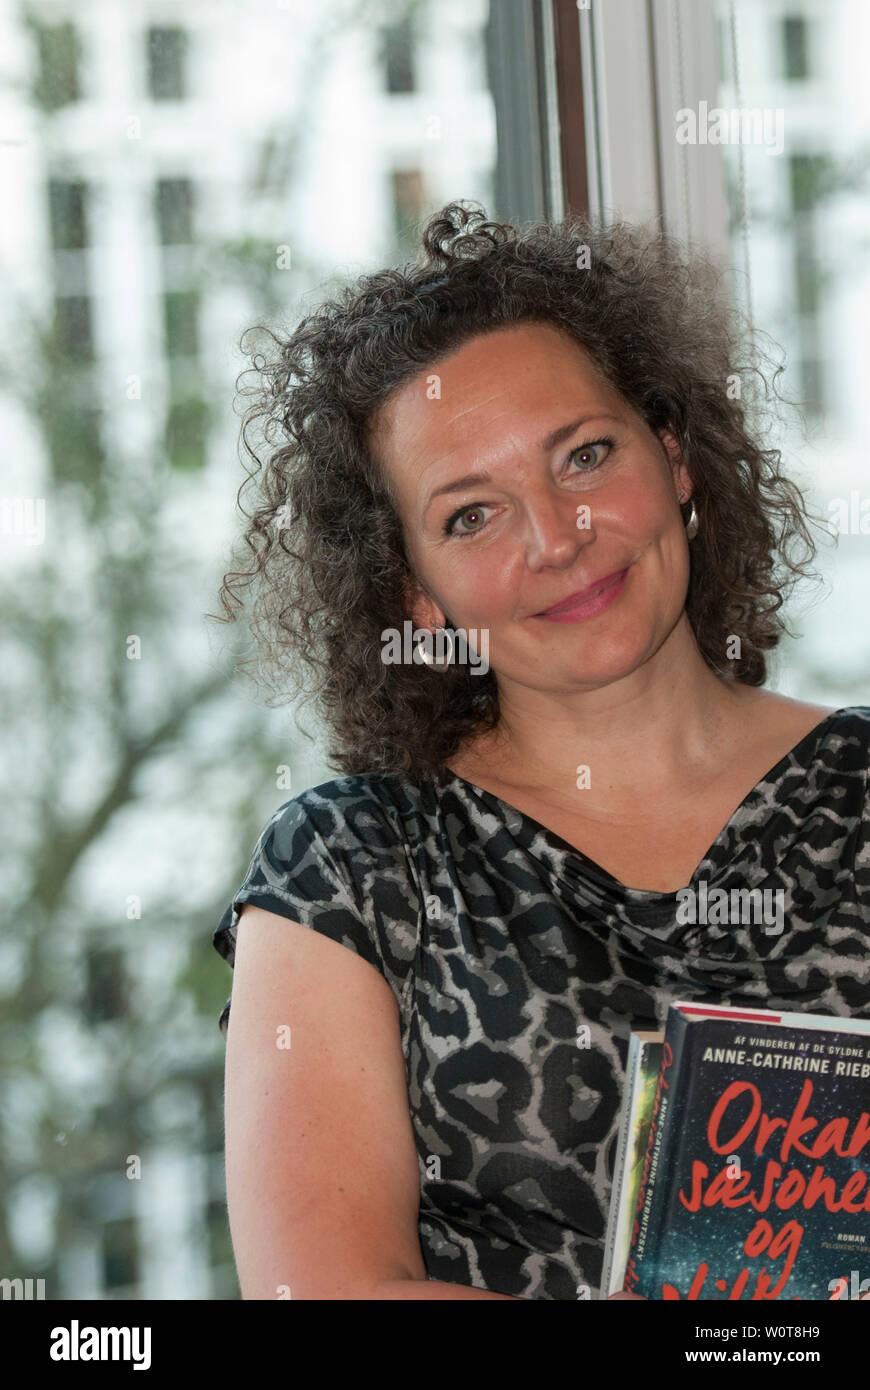 Die Daenische Erfolgsautorin Anne-Cathrine Riebnitzsky hielt am 18.04.2018 in Flensburg, in der  Dansk Centralbibliotek for Sydslesvig, eine Lesung. Stock Photo